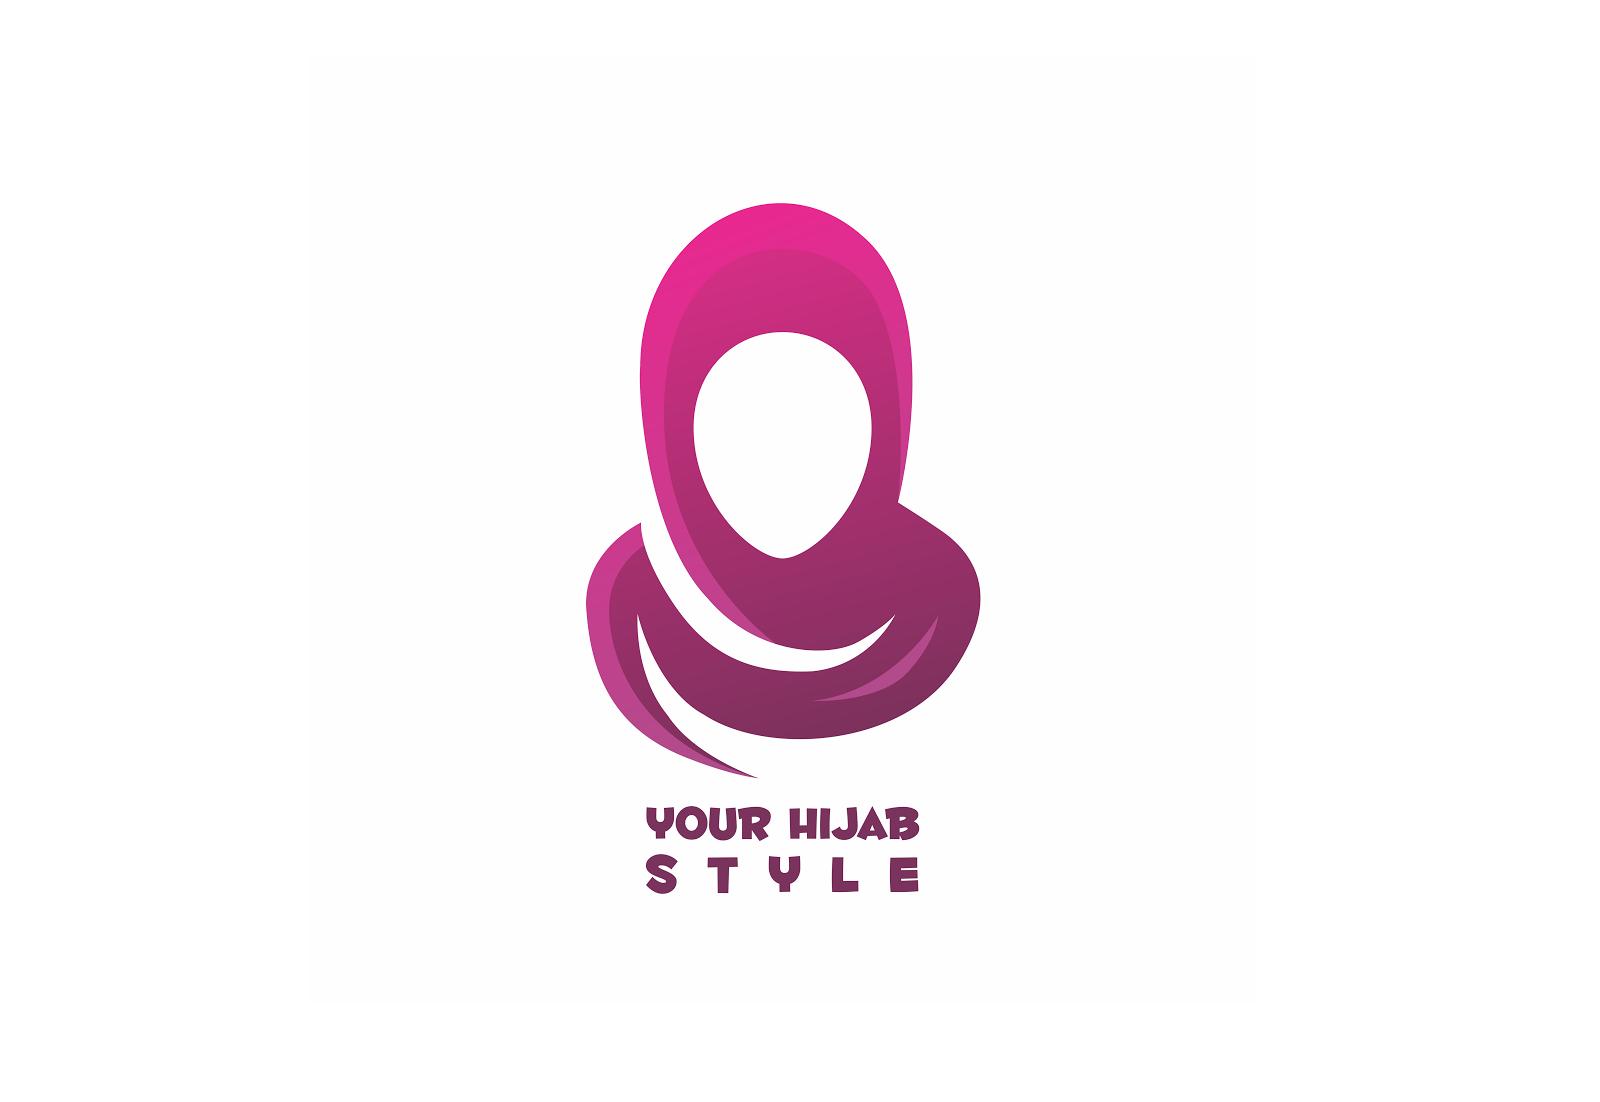 Download Kumpulan Gambar Kartun Hijab Shopping